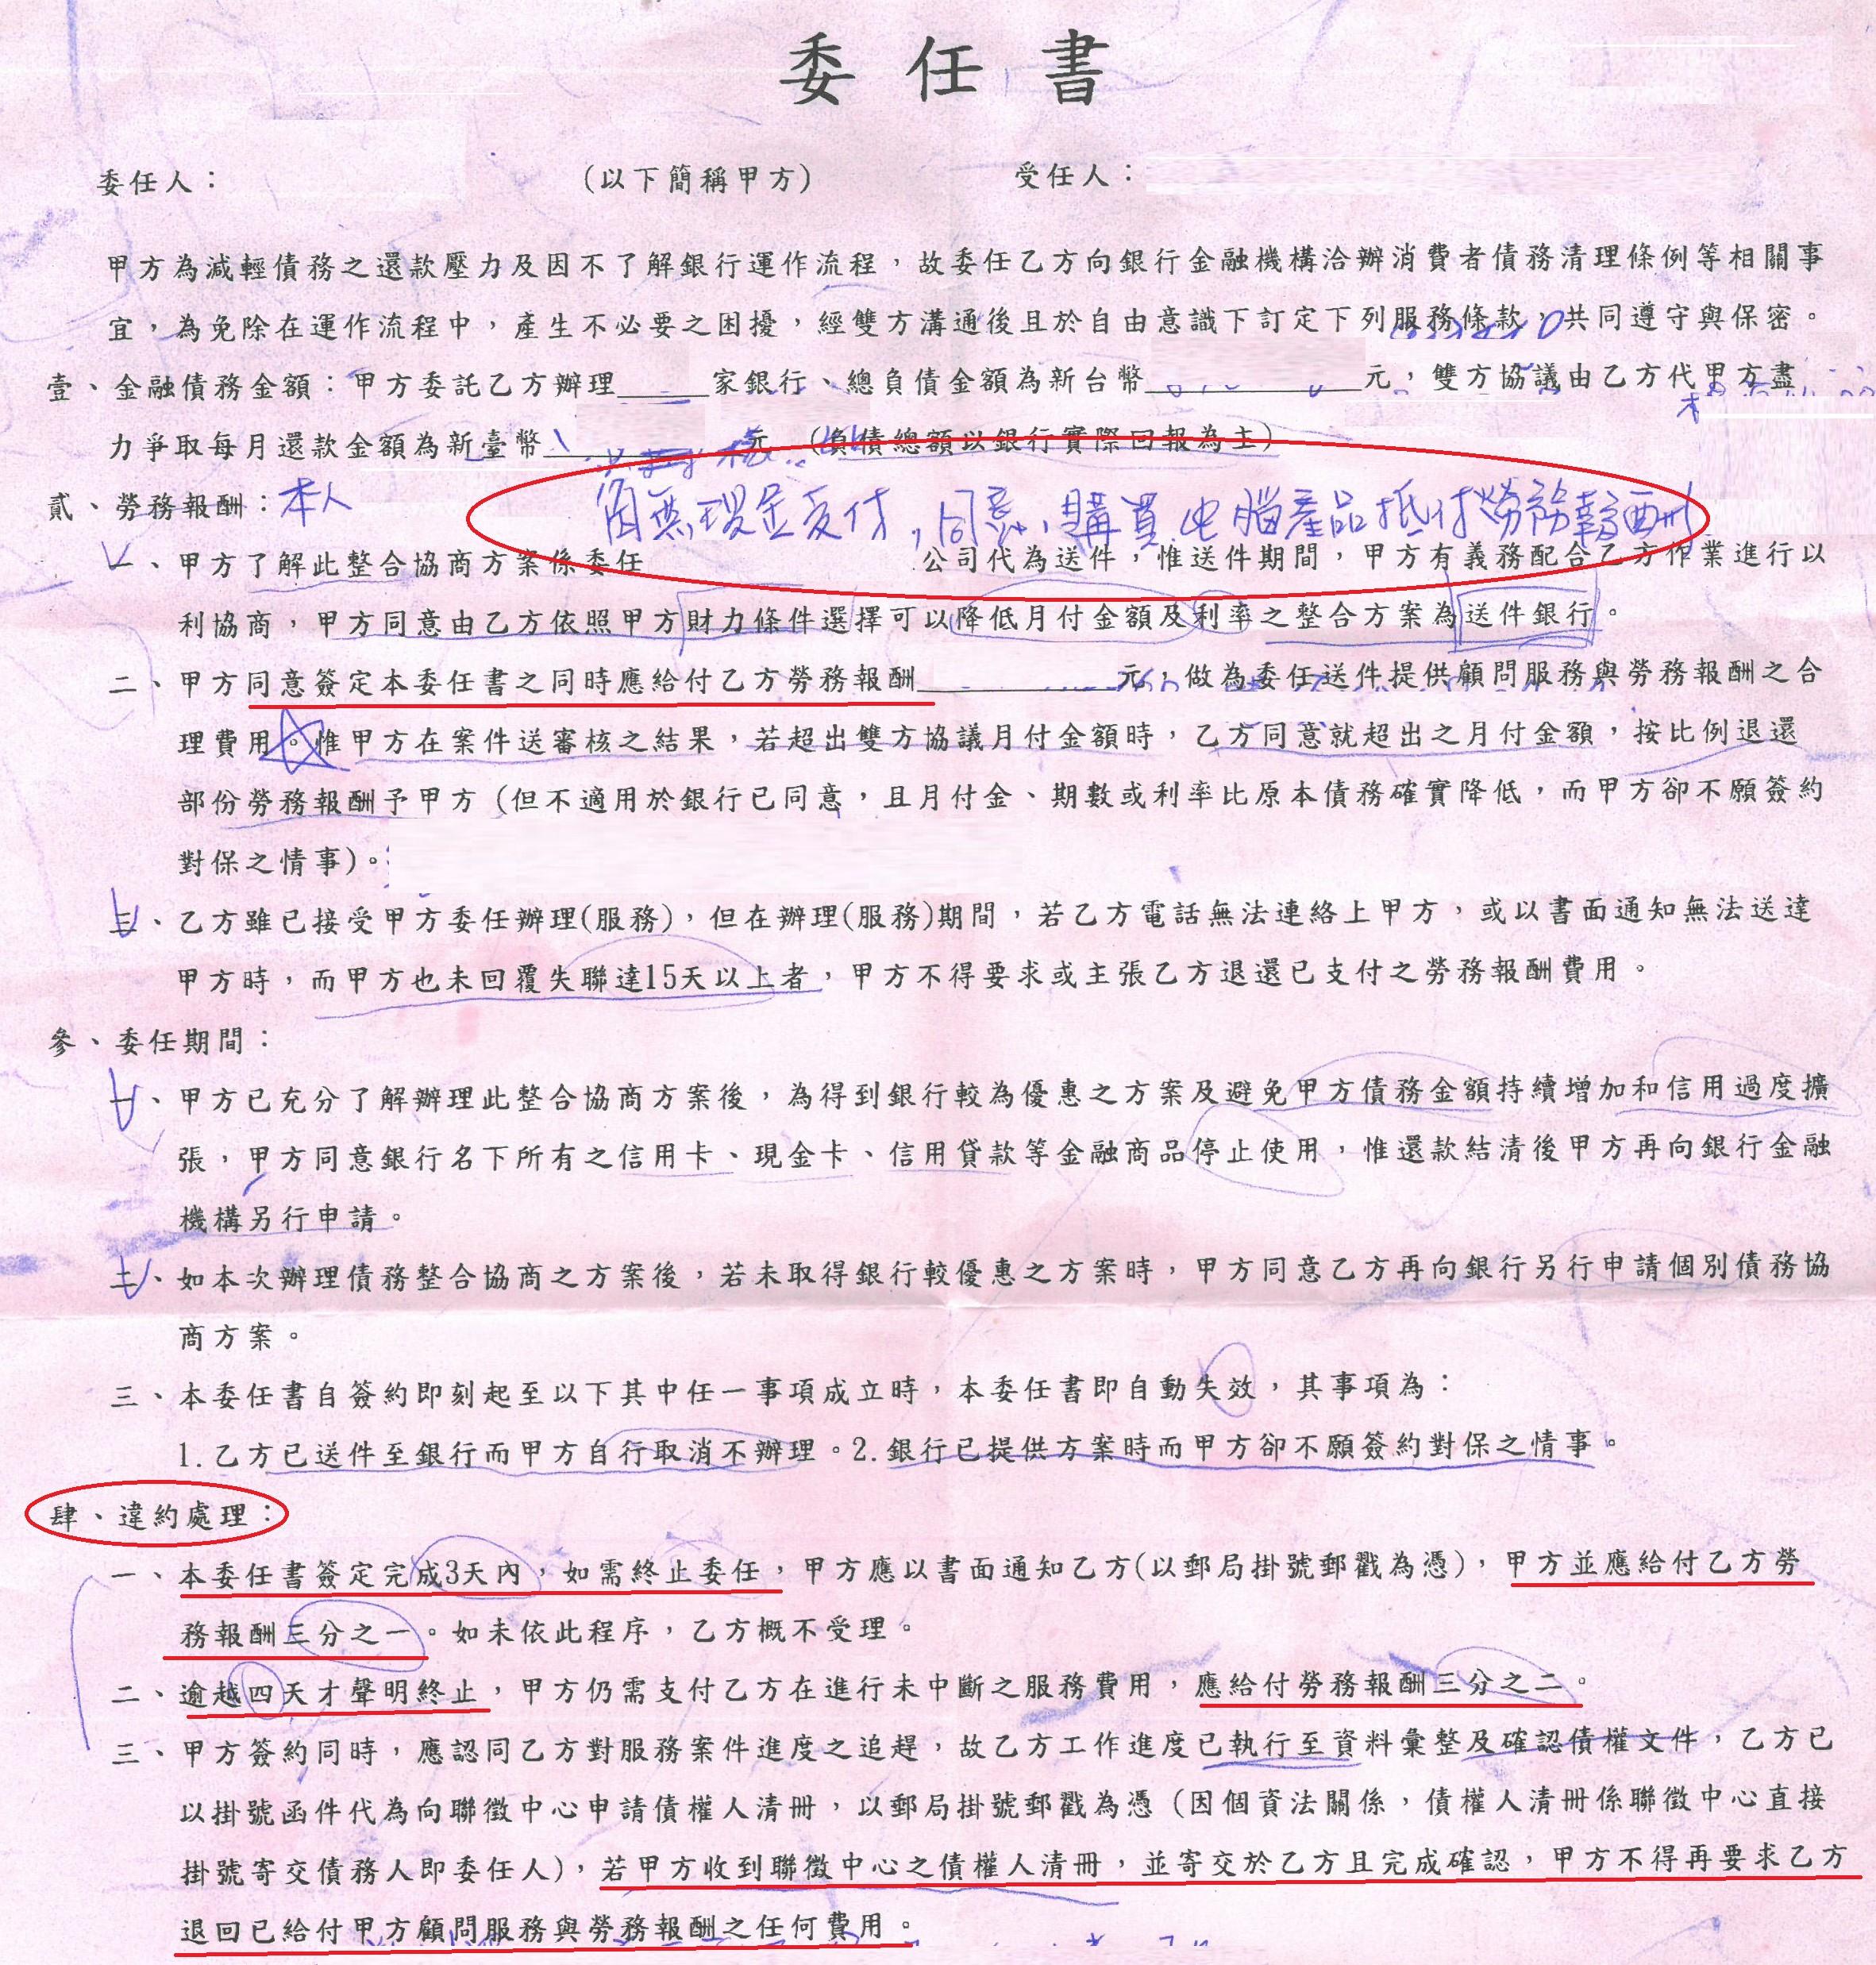 債務整合合約(台中市政府)